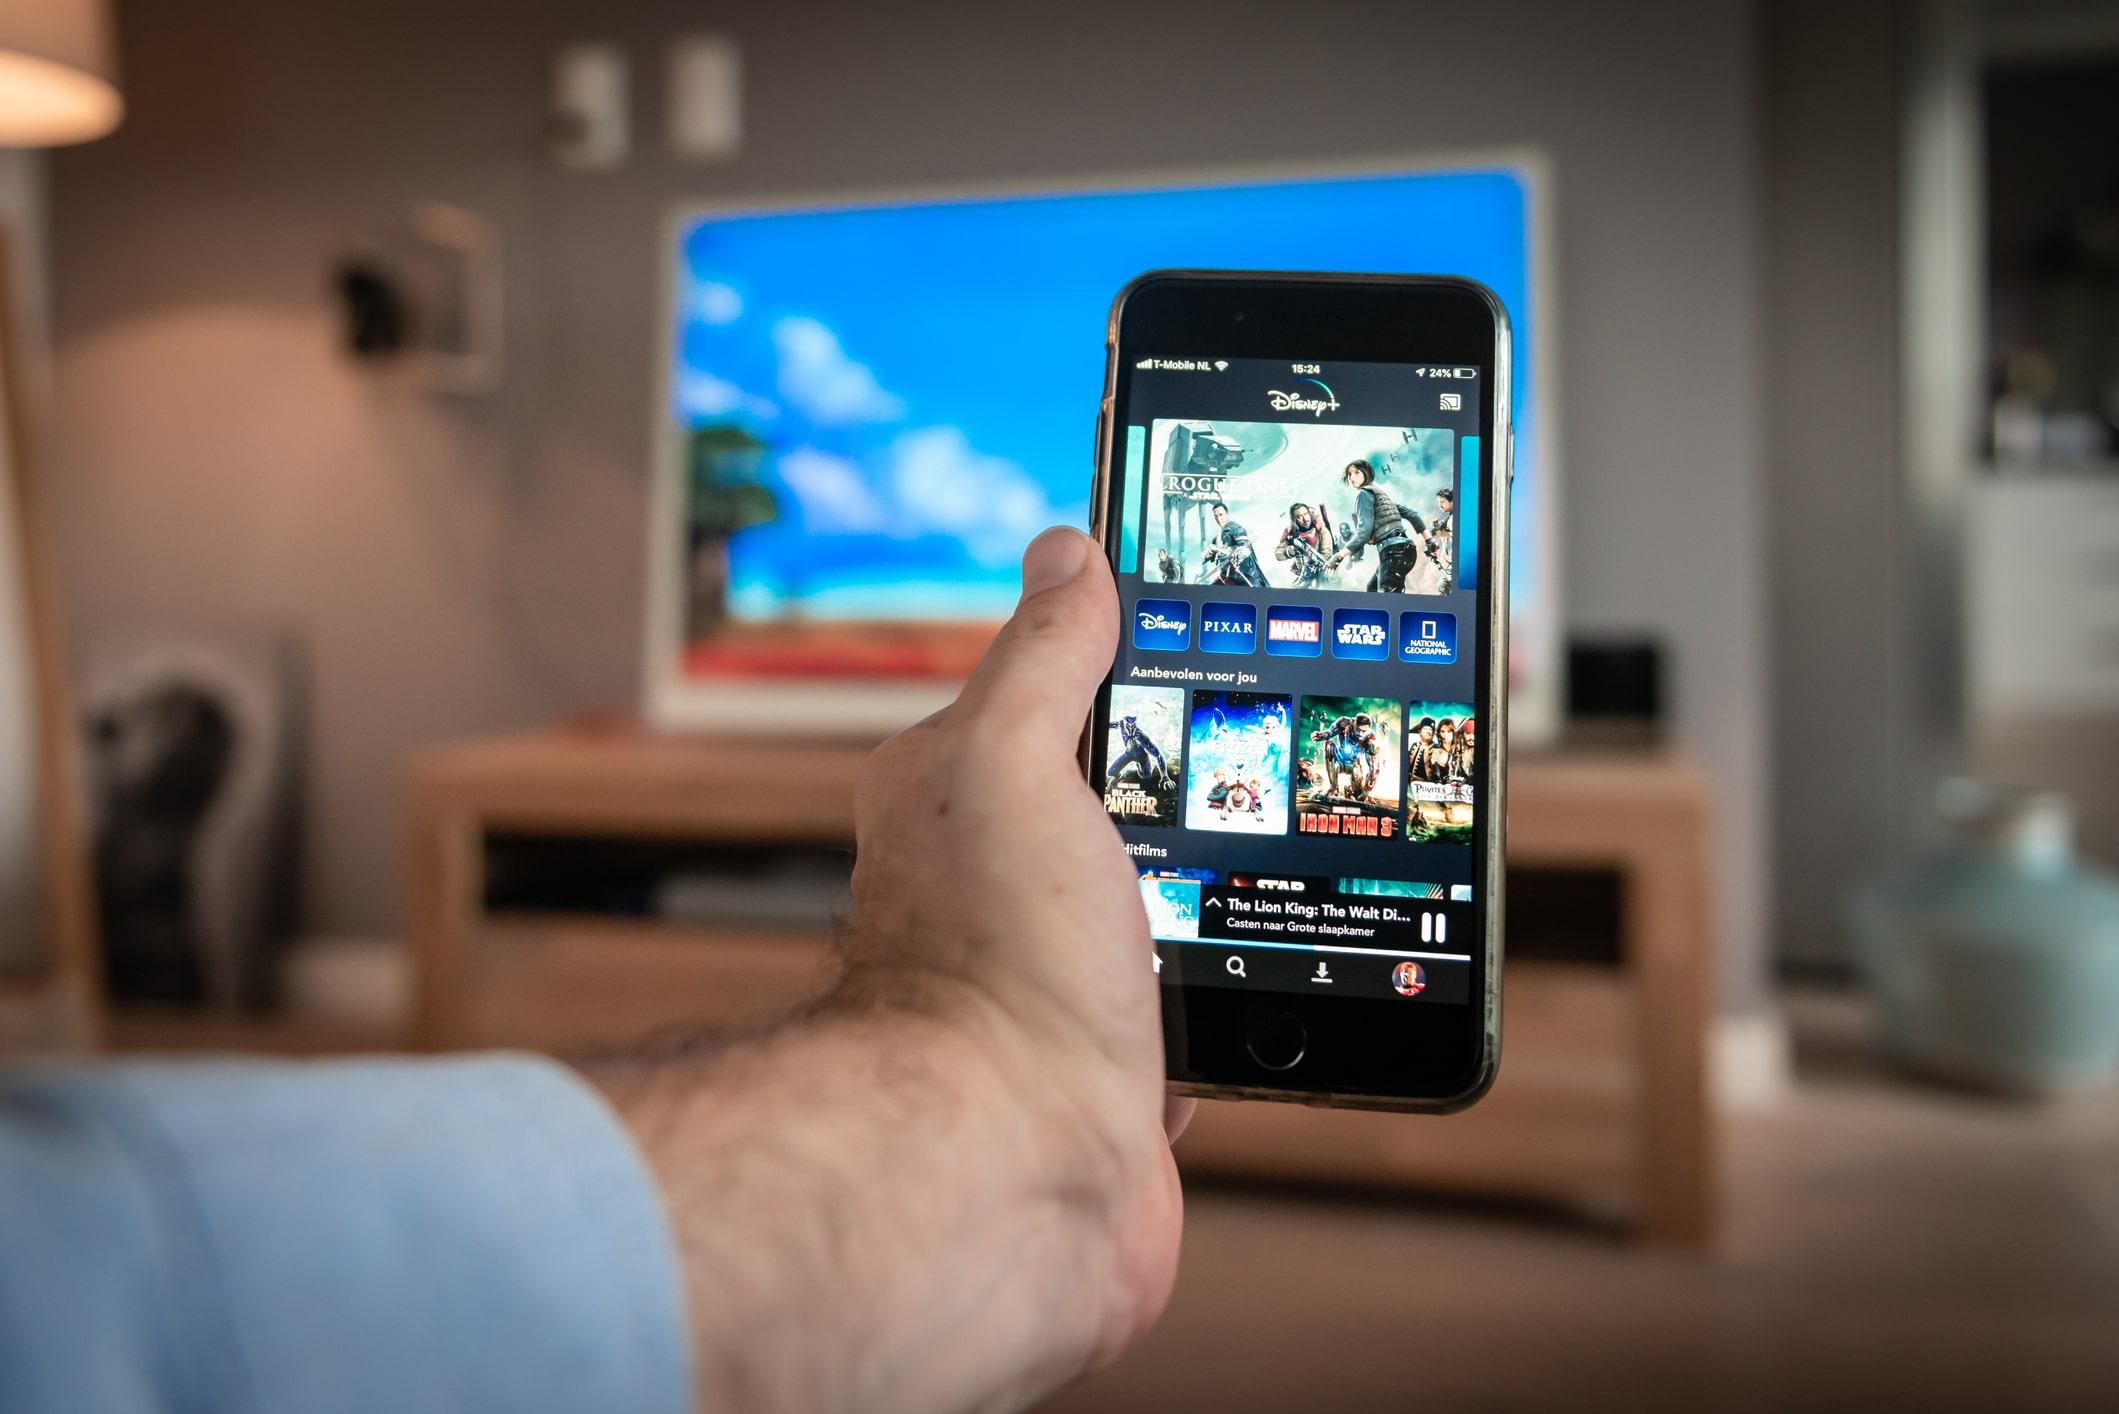 Menghubungkan HP ke TV Tanpa Kabel